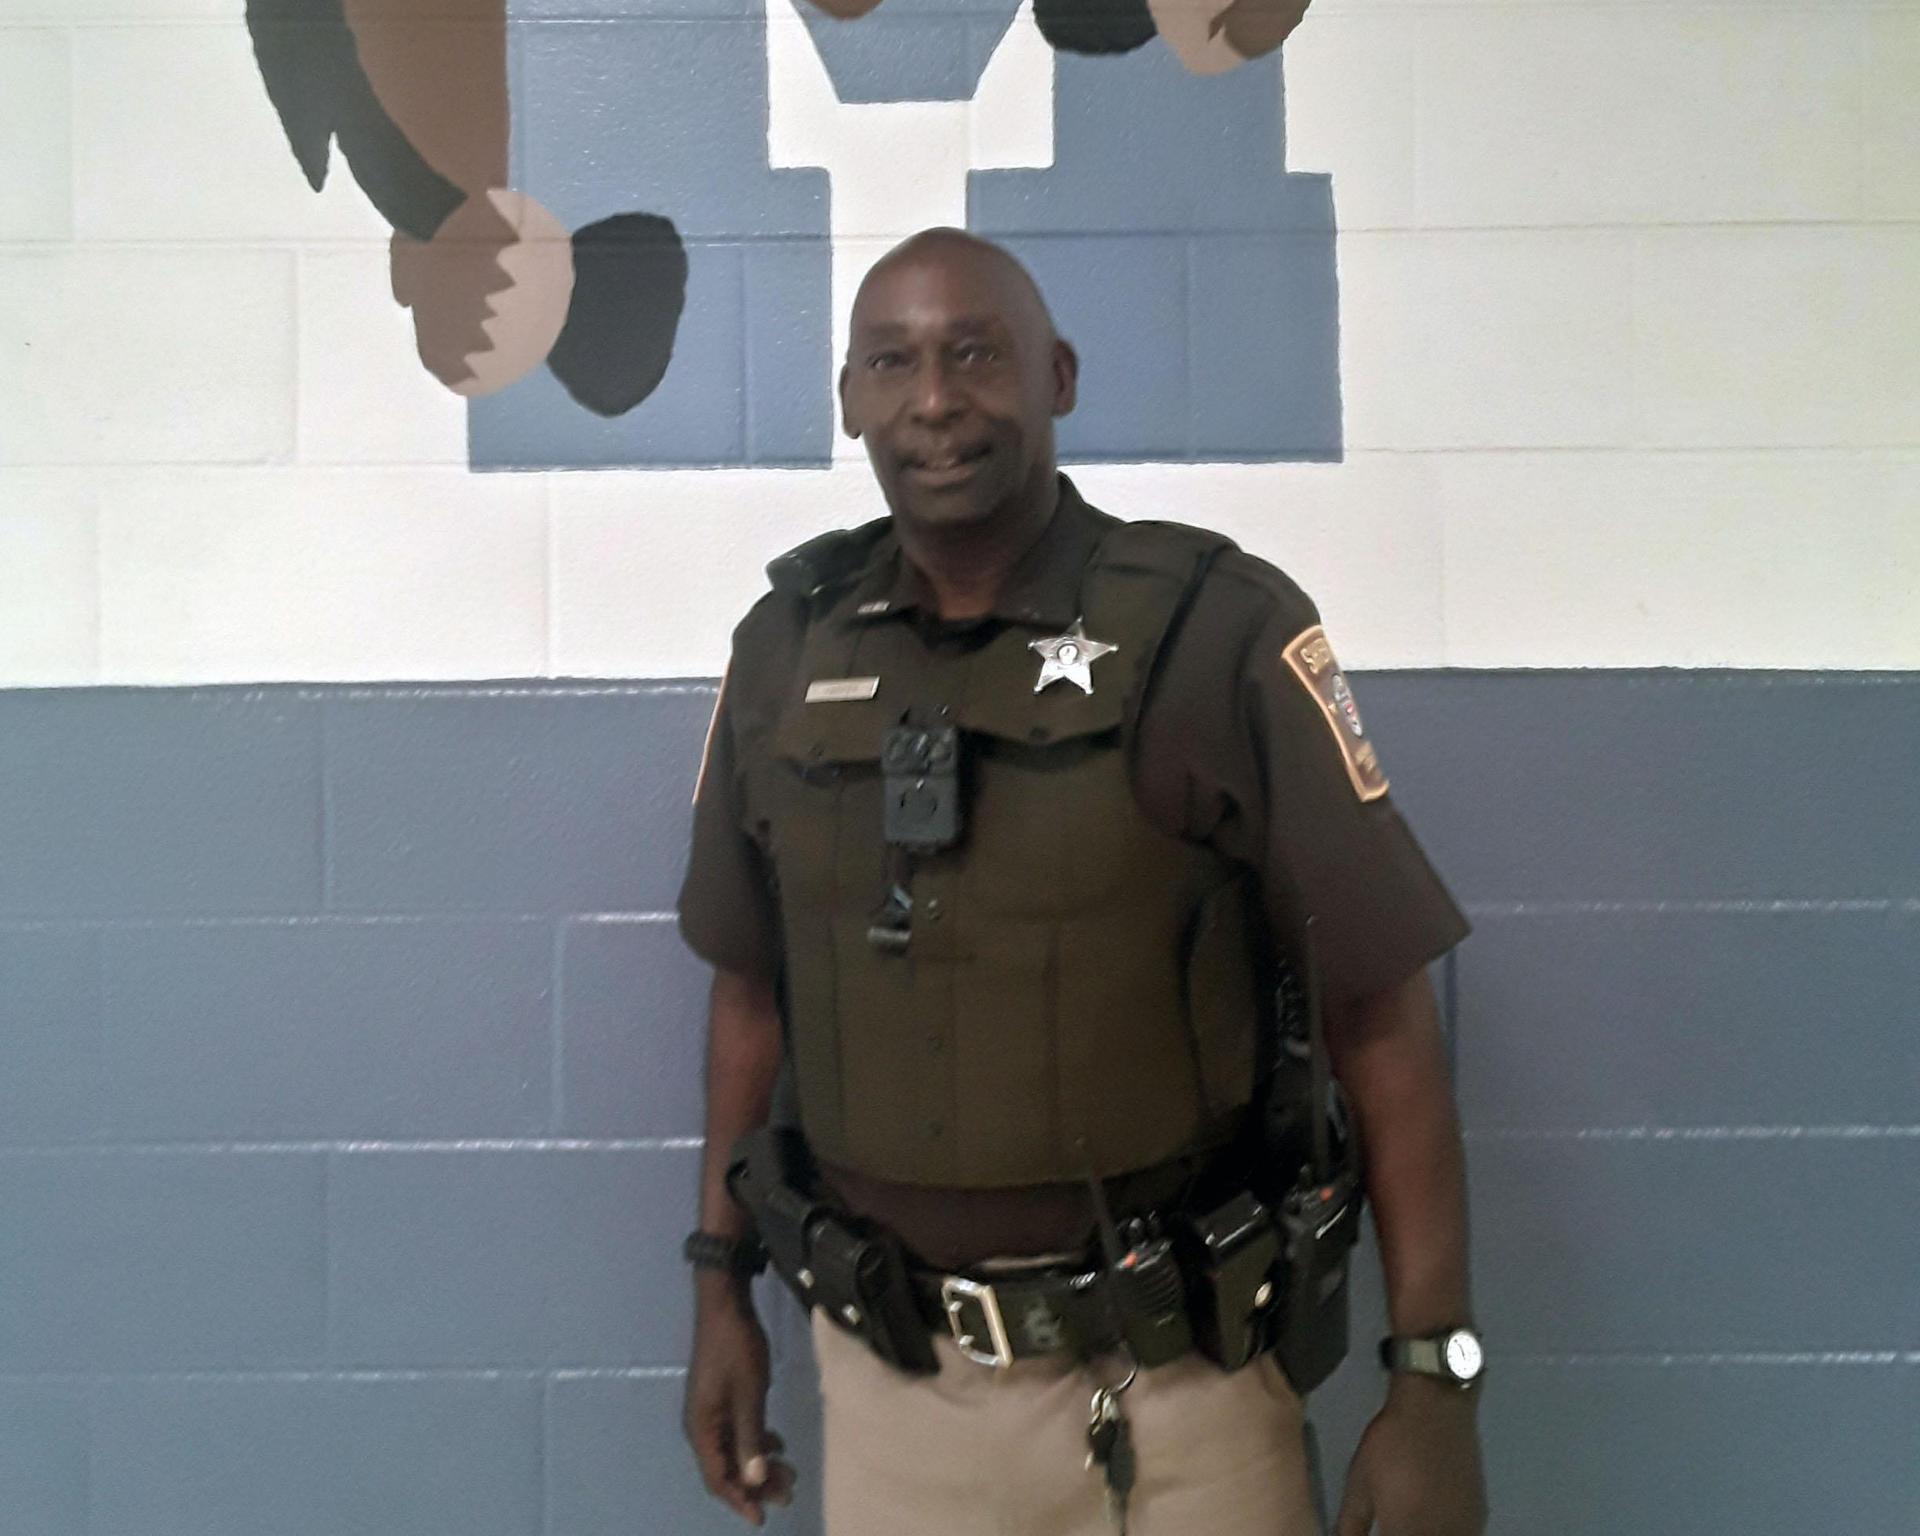 Deputy Hammer